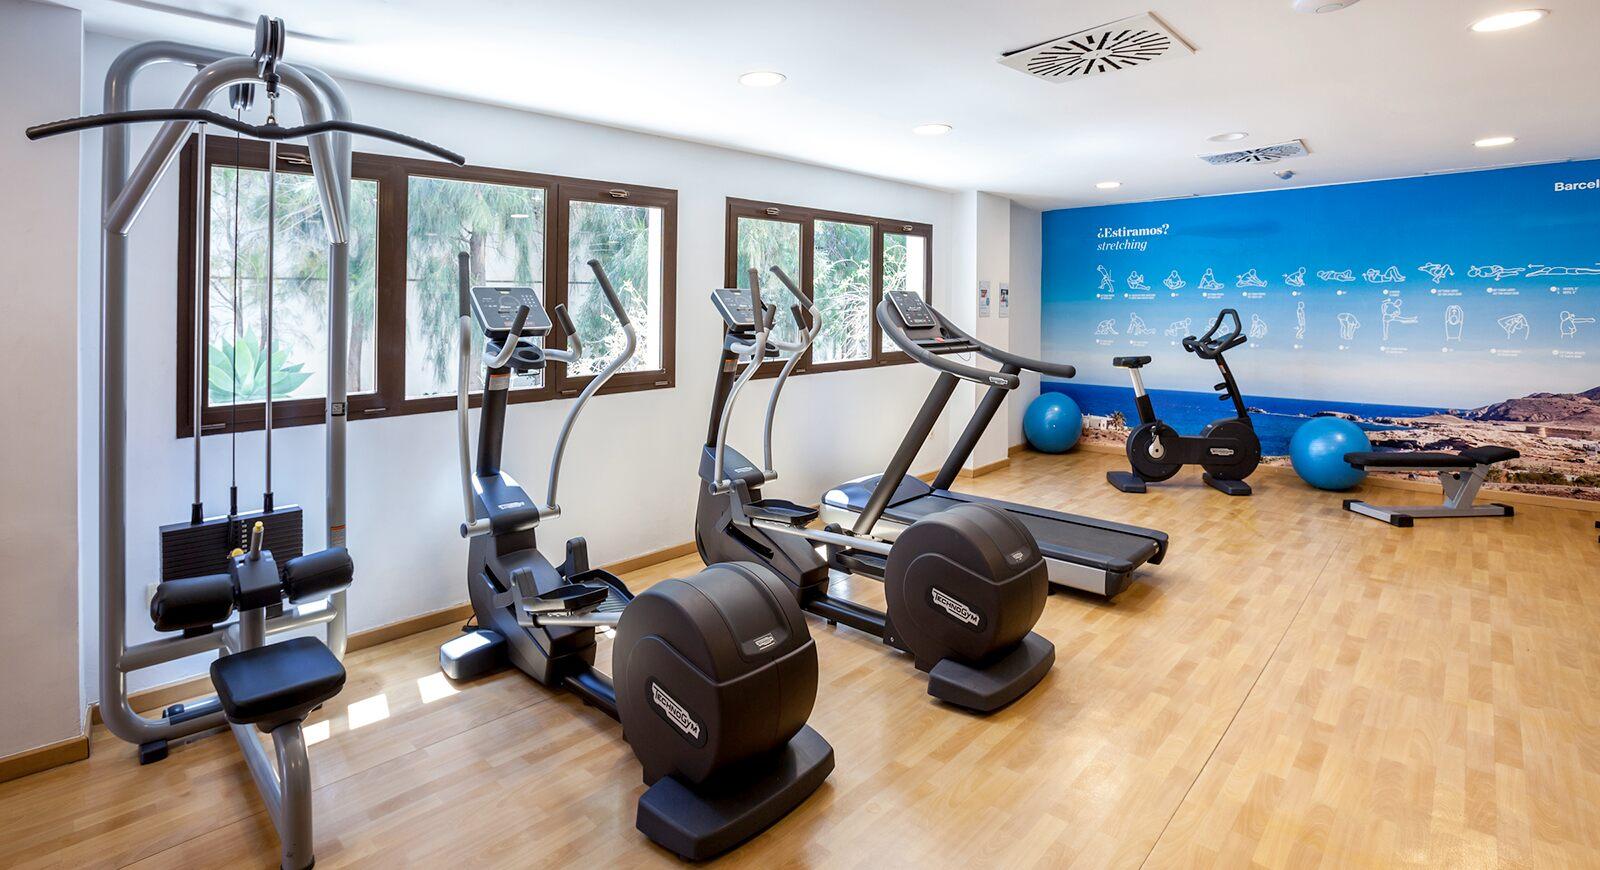 236-gym-02-hotel-barcelo-cabo-de-gata_tcm20-137221_w1600_h870_n.jpg